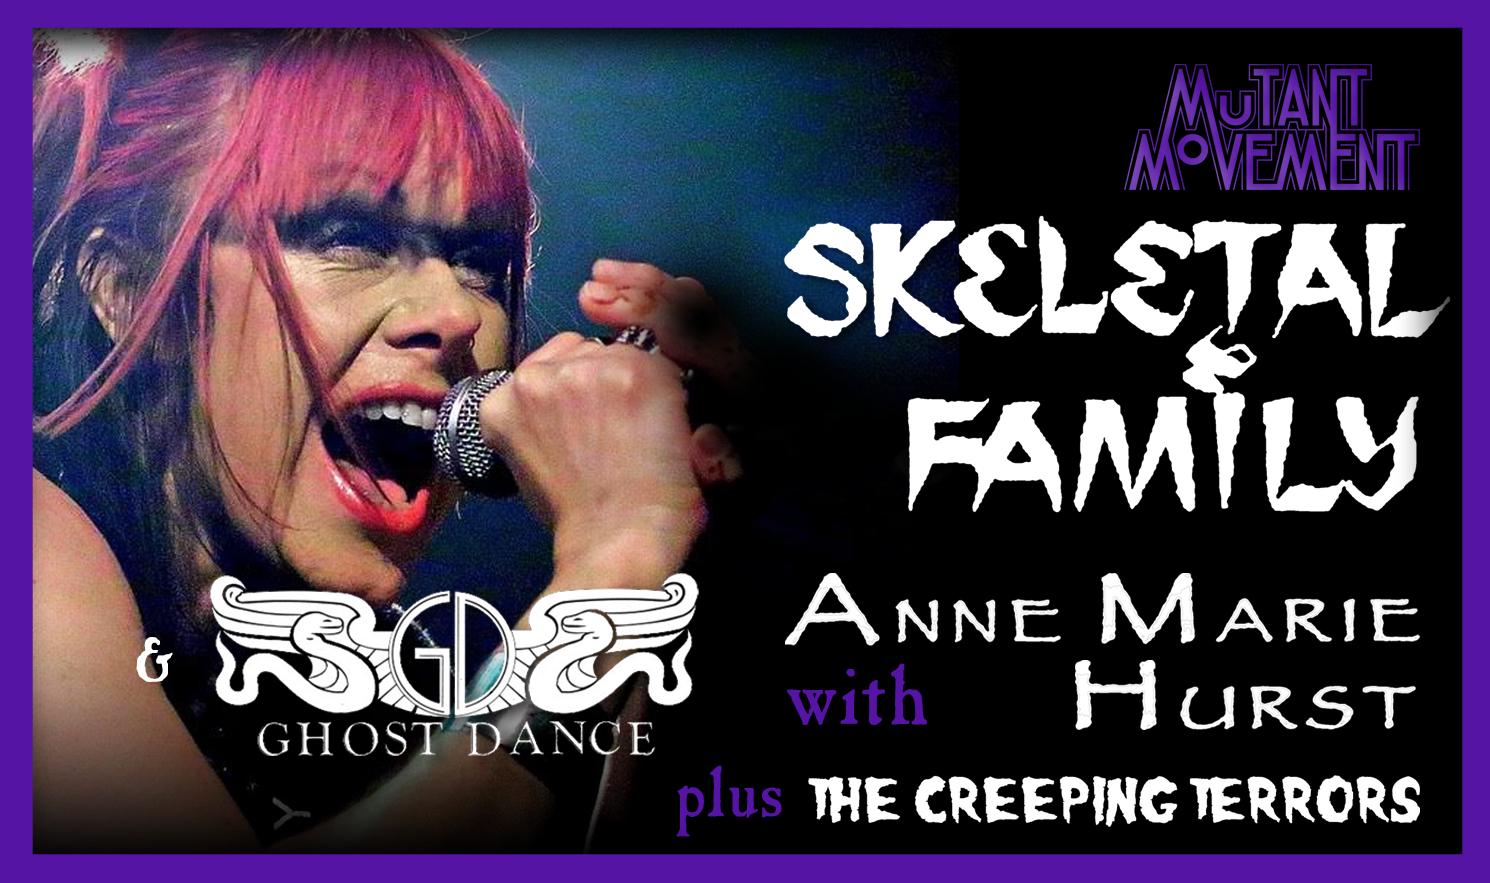 Skeletal Family/Ghost Dance: Anne Marie Hurst + Creeping Terrors